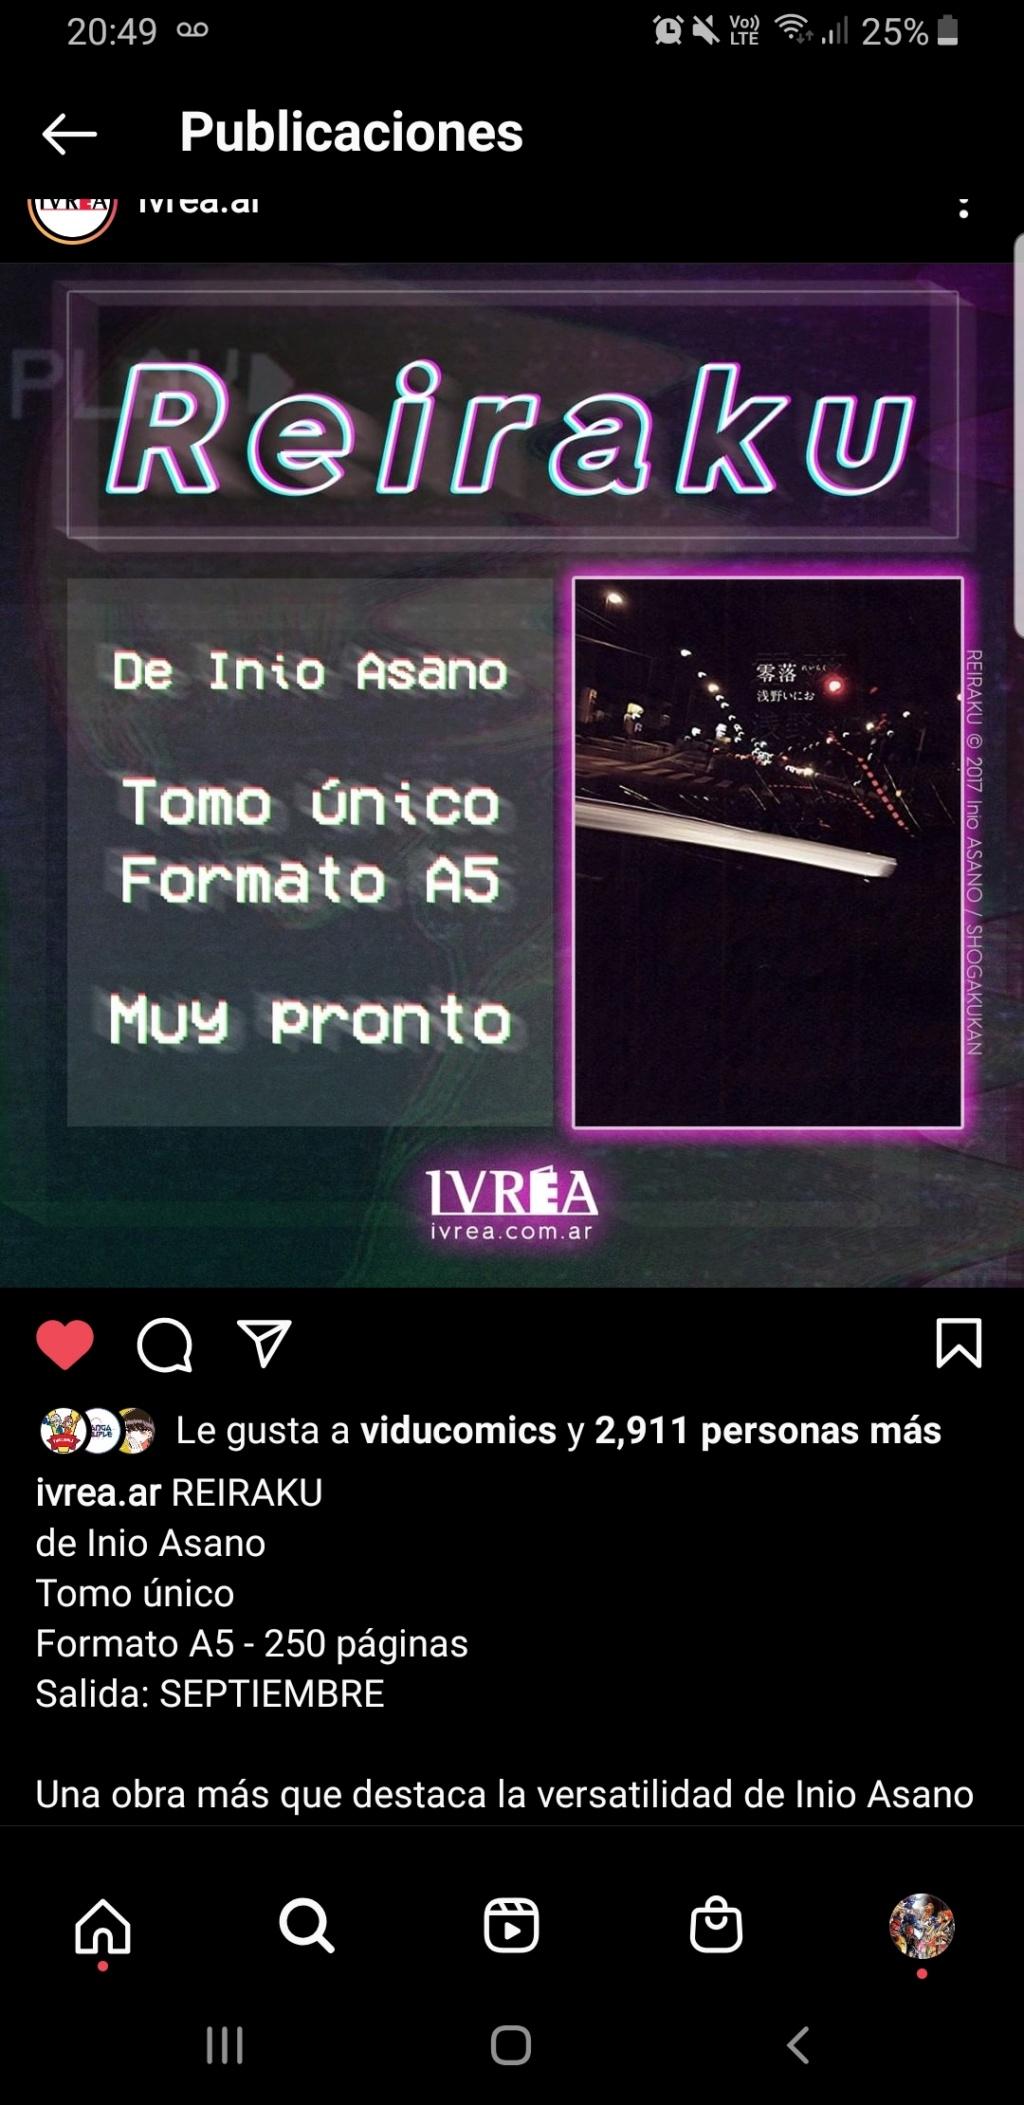 [Ivrea Argentina] Consultas y novedades - Página 28 Screen78